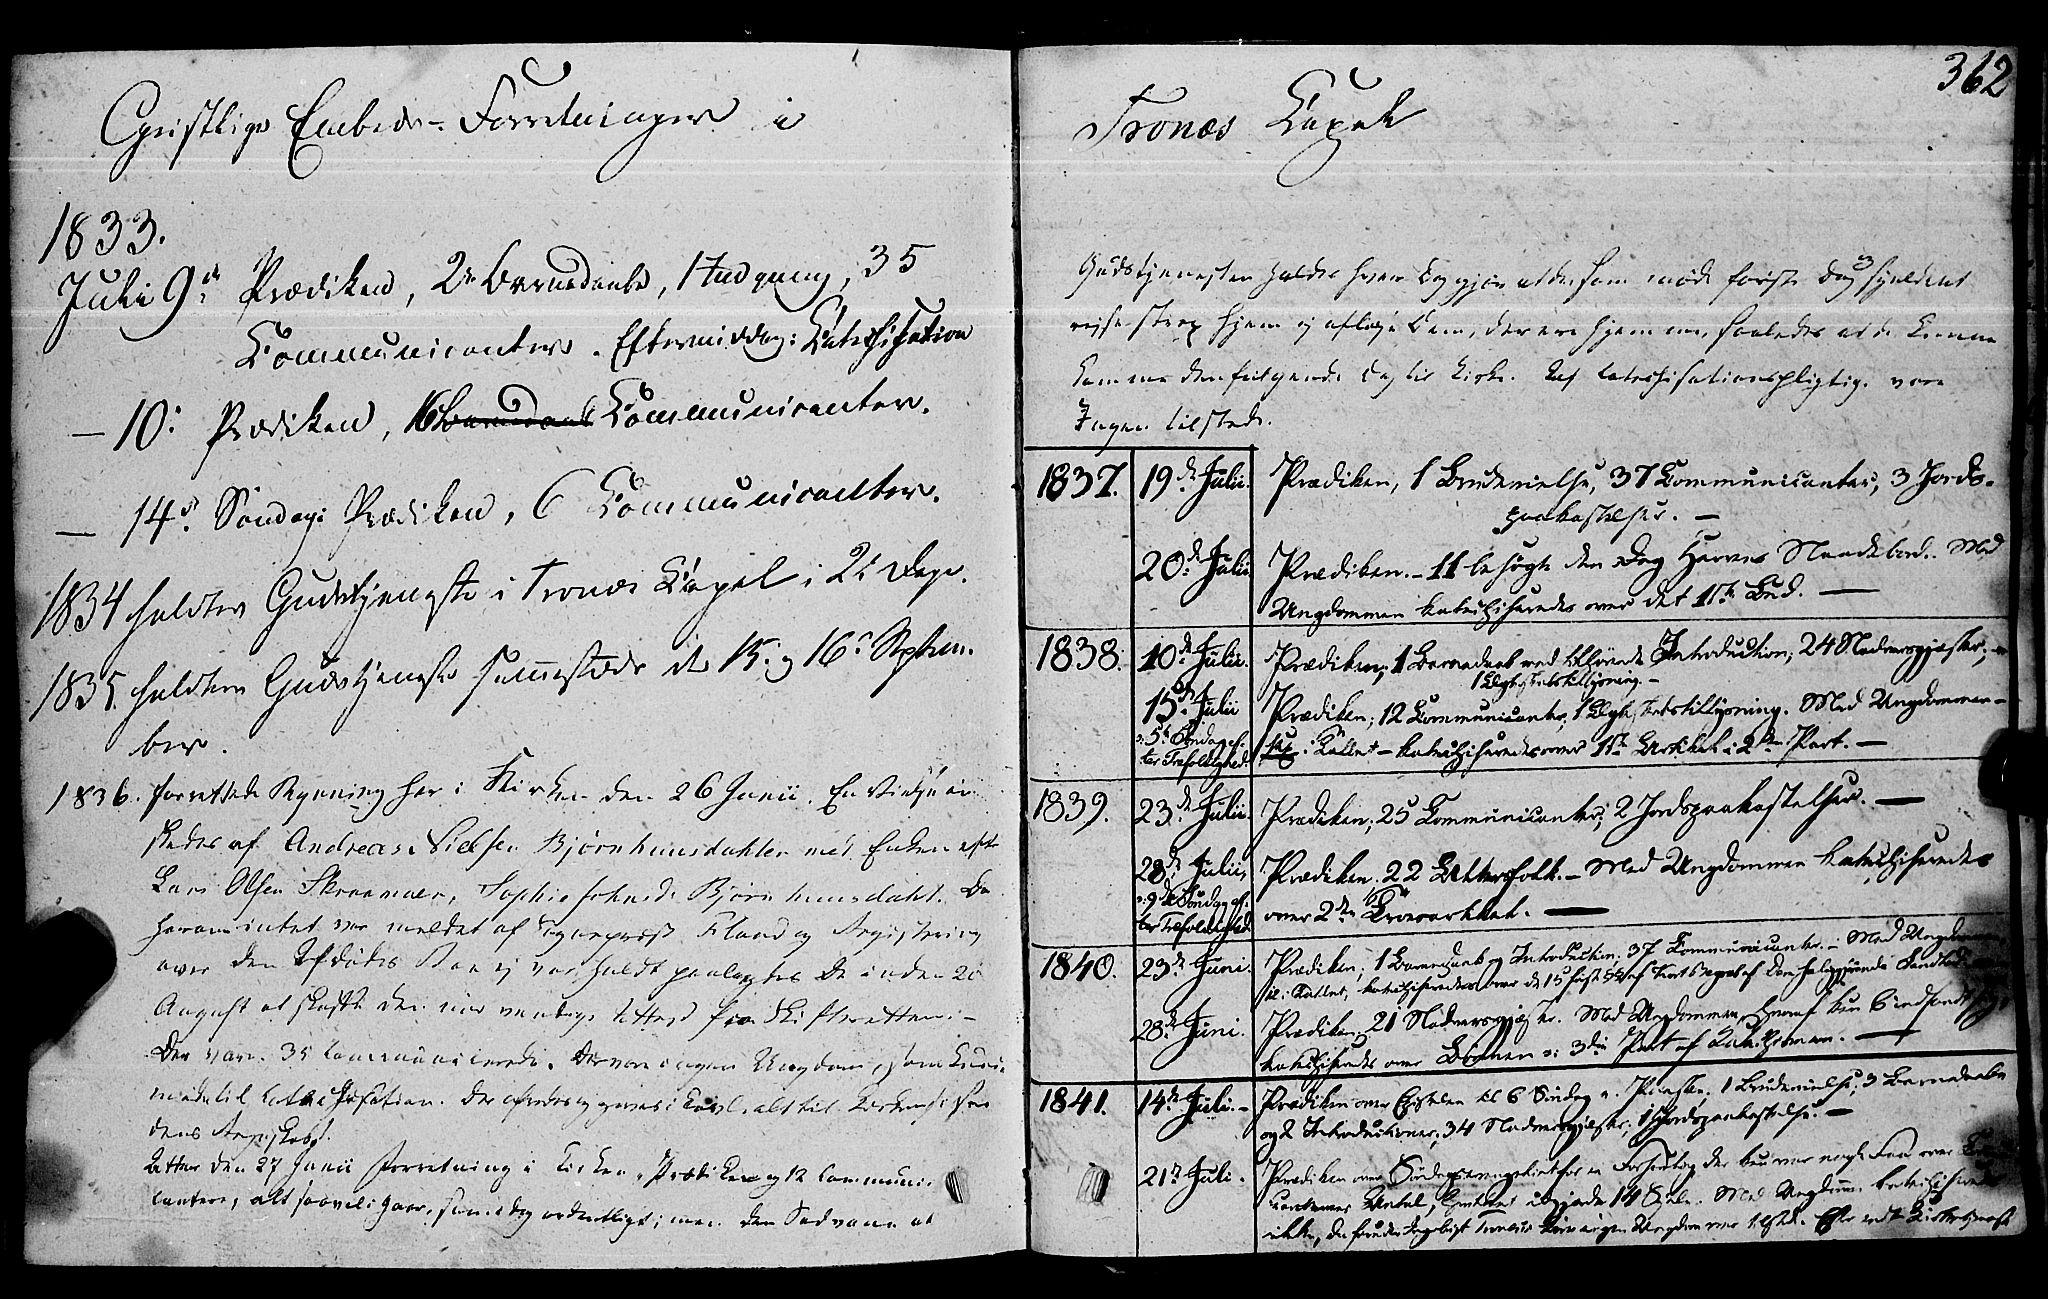 SAT, Ministerialprotokoller, klokkerbøker og fødselsregistre - Nord-Trøndelag, 762/L0538: Ministerialbok nr. 762A02 /2, 1833-1879, s. 362